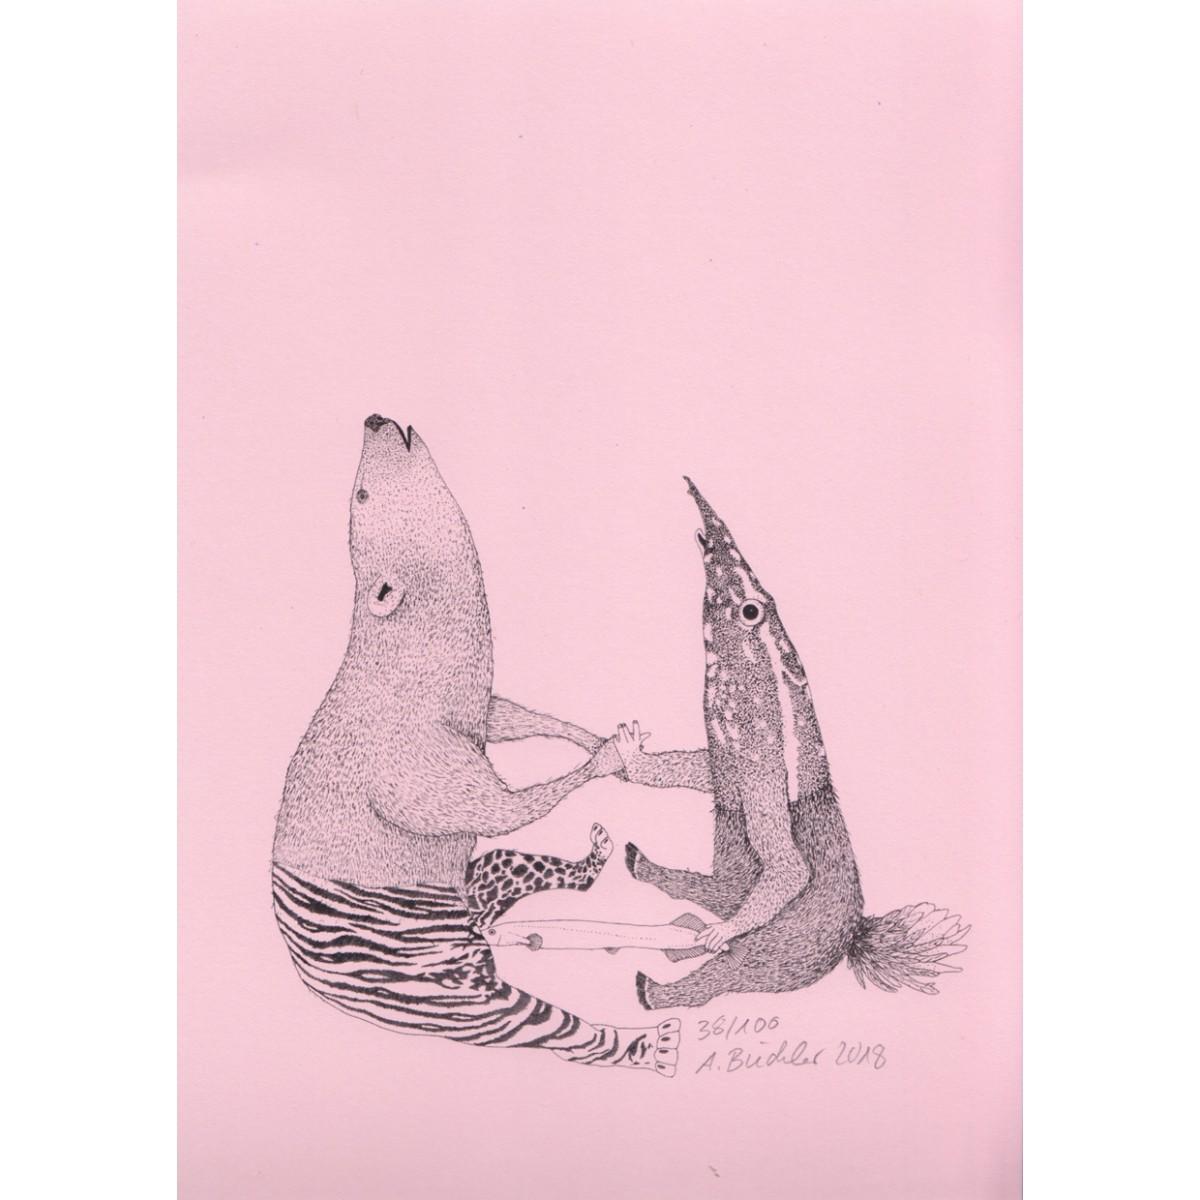 Anka Büchler, Das Liebesspiel der Wolpertinger, limitierte Digitaldruckserie, A5, Motiv 01